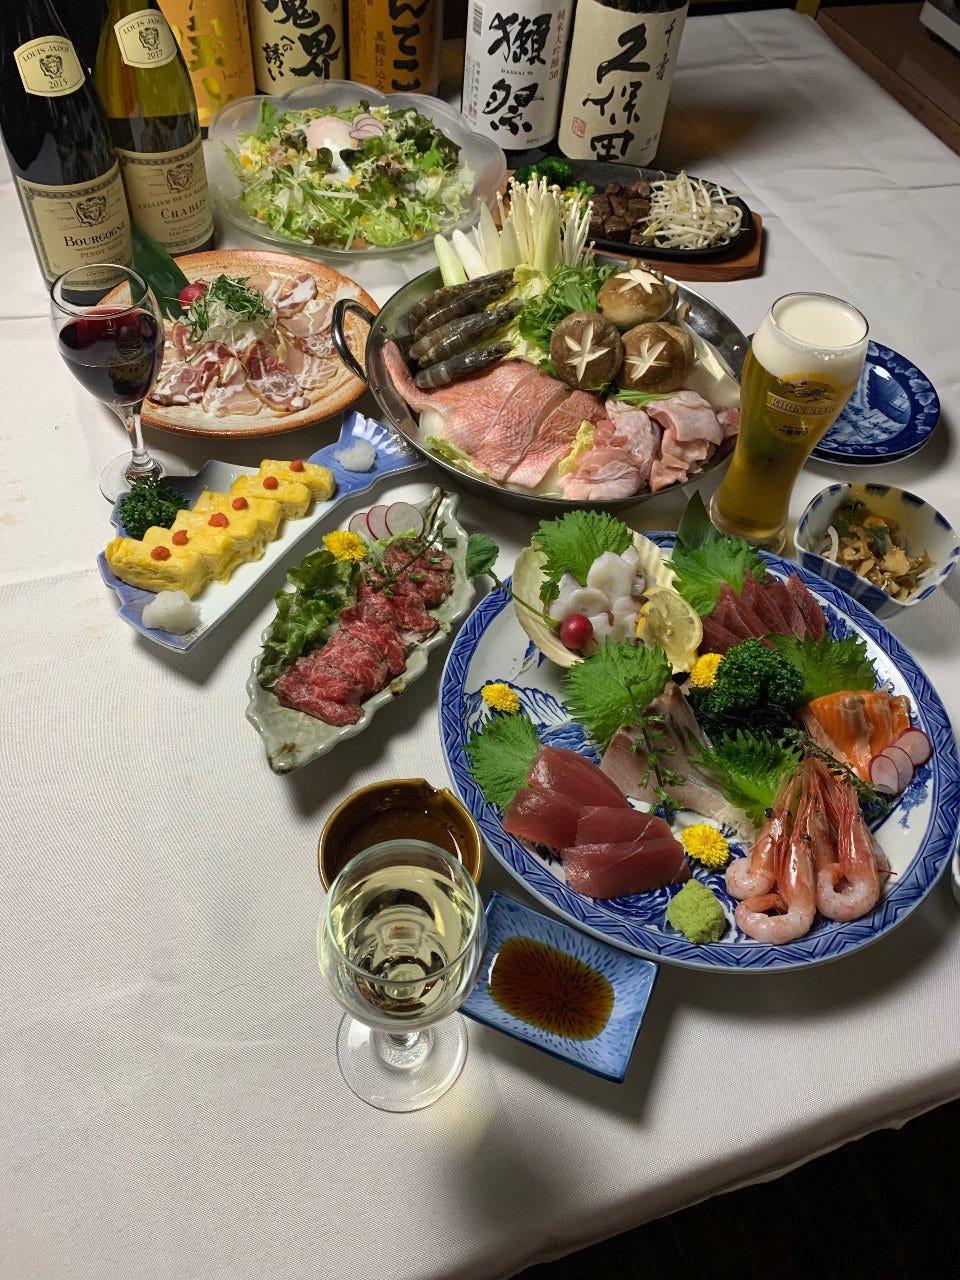 【2.5時間ゴールド飲み放題付き】お肉もお魚もお楽しみいただける全8品「竹コース」6300→5000円